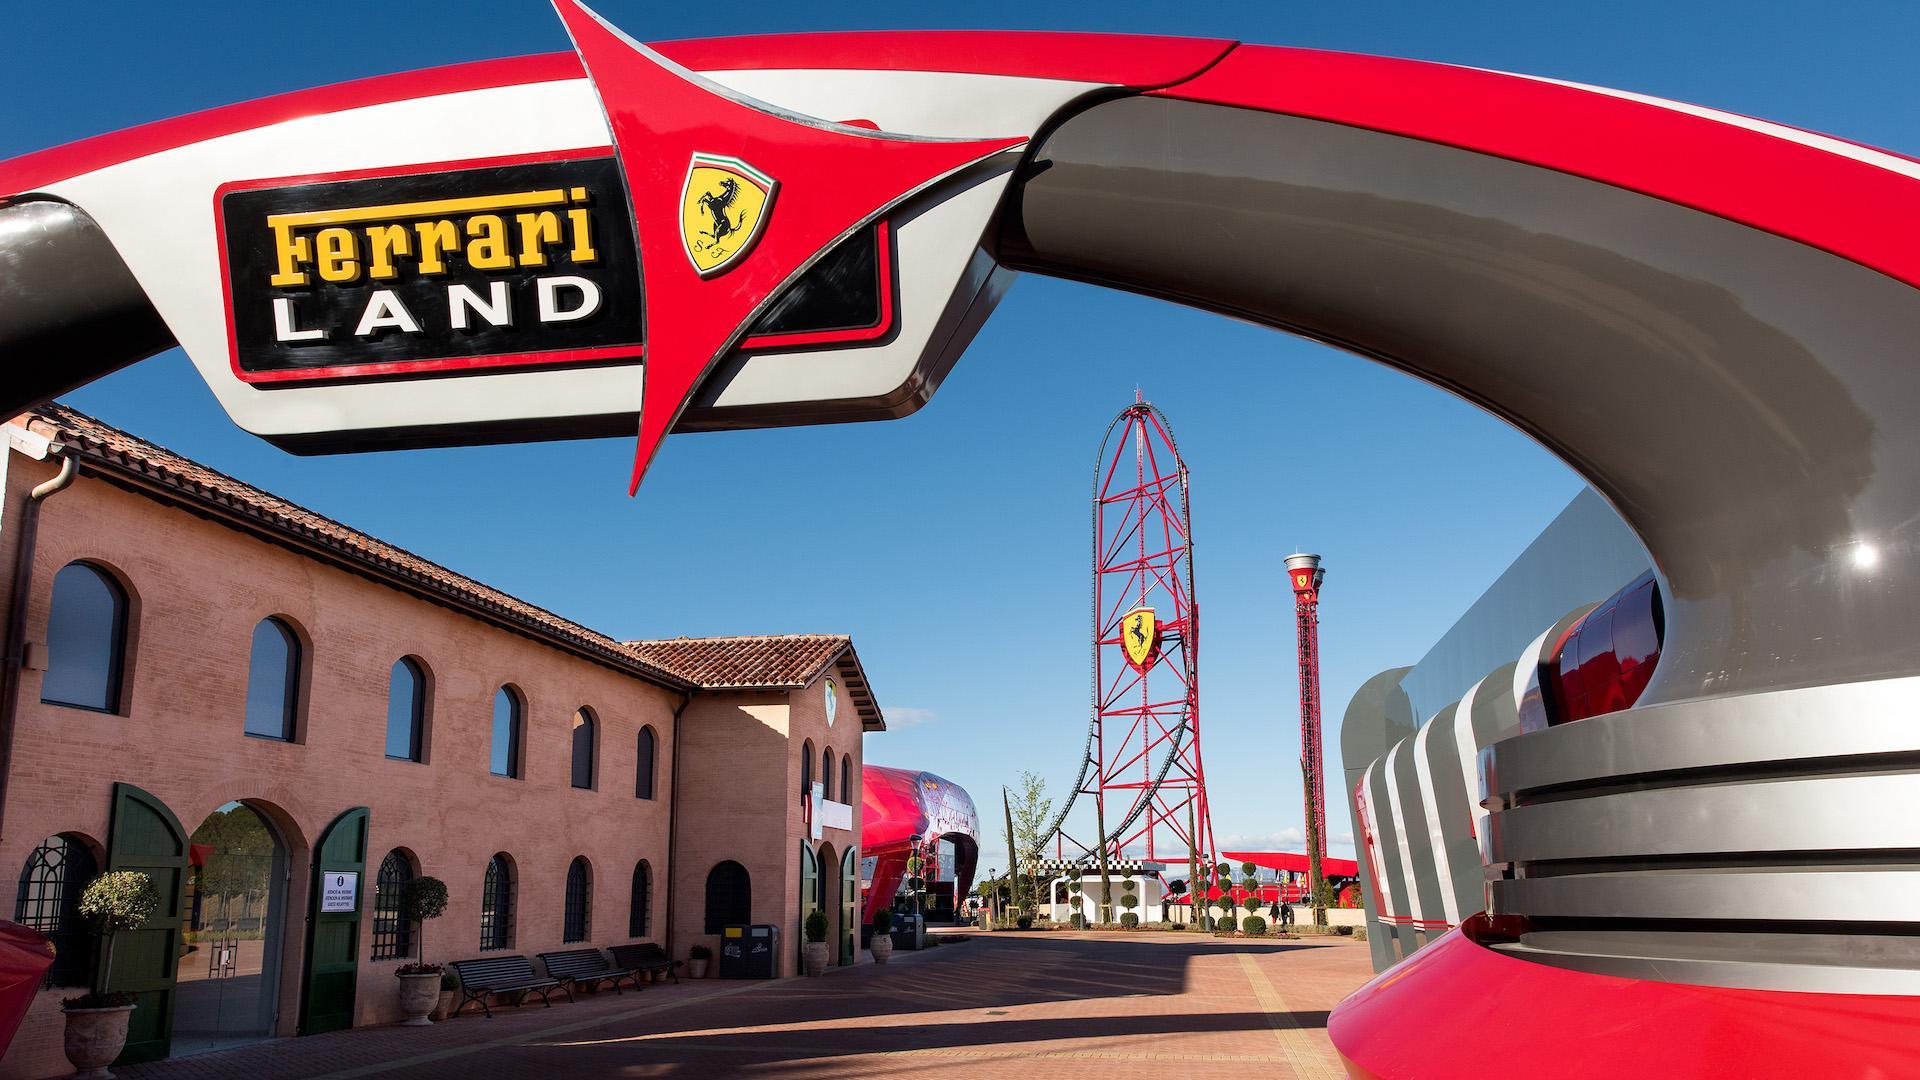 Así es Ferrari Land, el parque temático con la montaña rusa más rápida de Europa